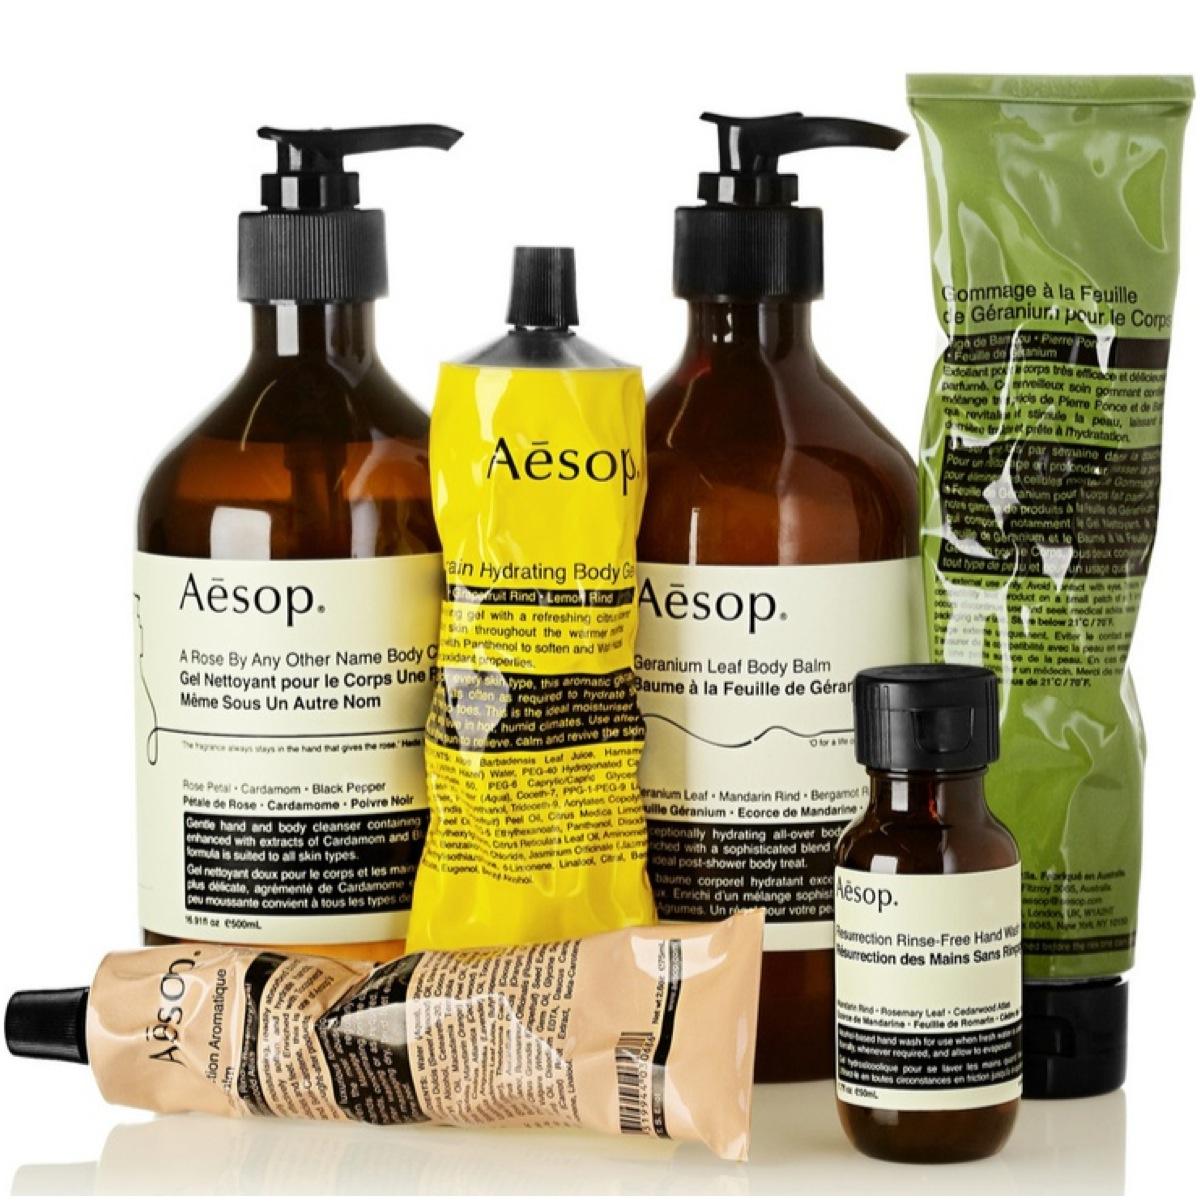 Produtos da marca Aesop imagem: divulgação